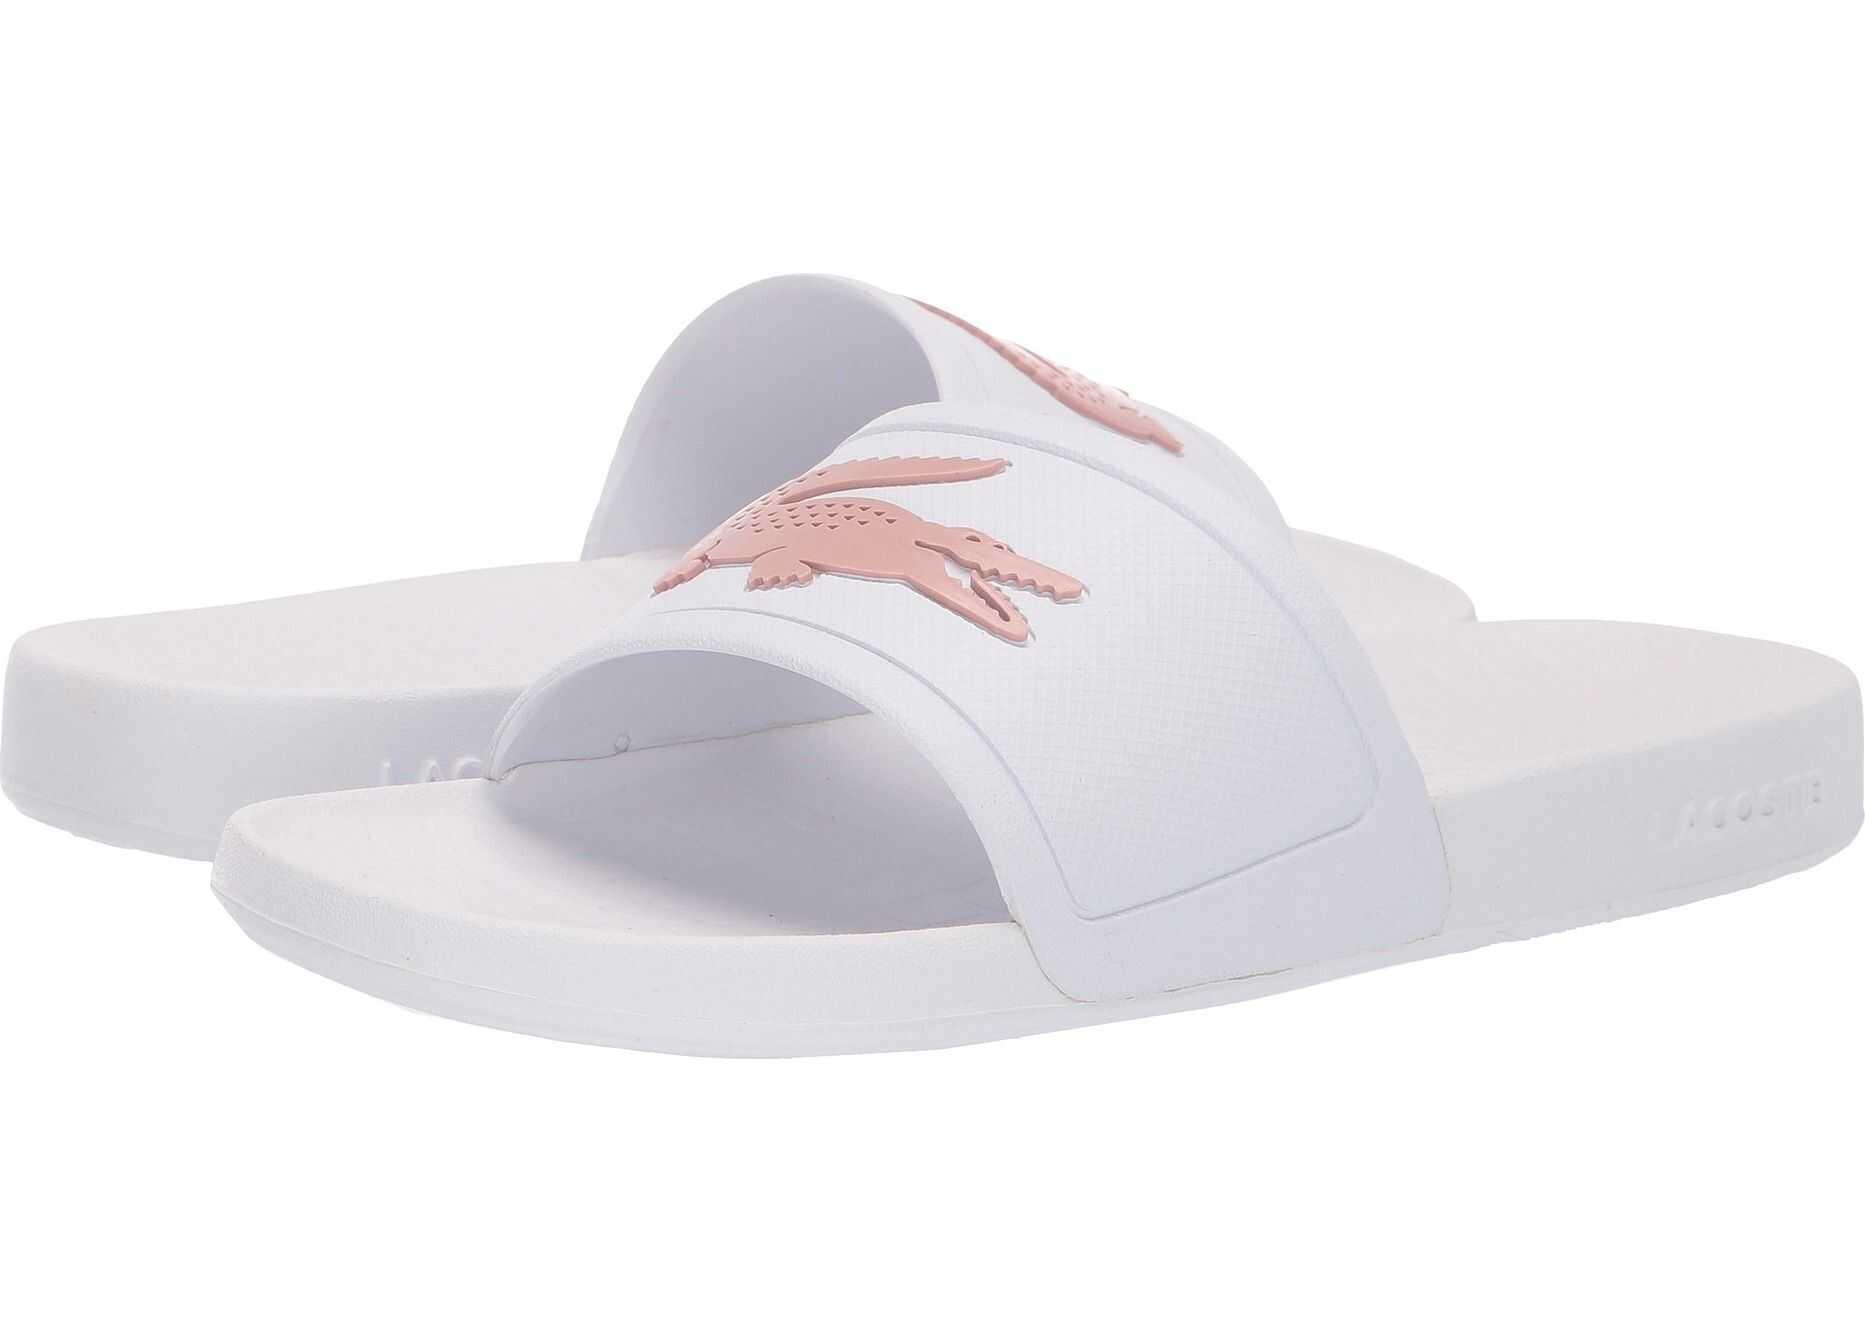 Lacoste Fraisier 119 2 P CFA White/Light Pink